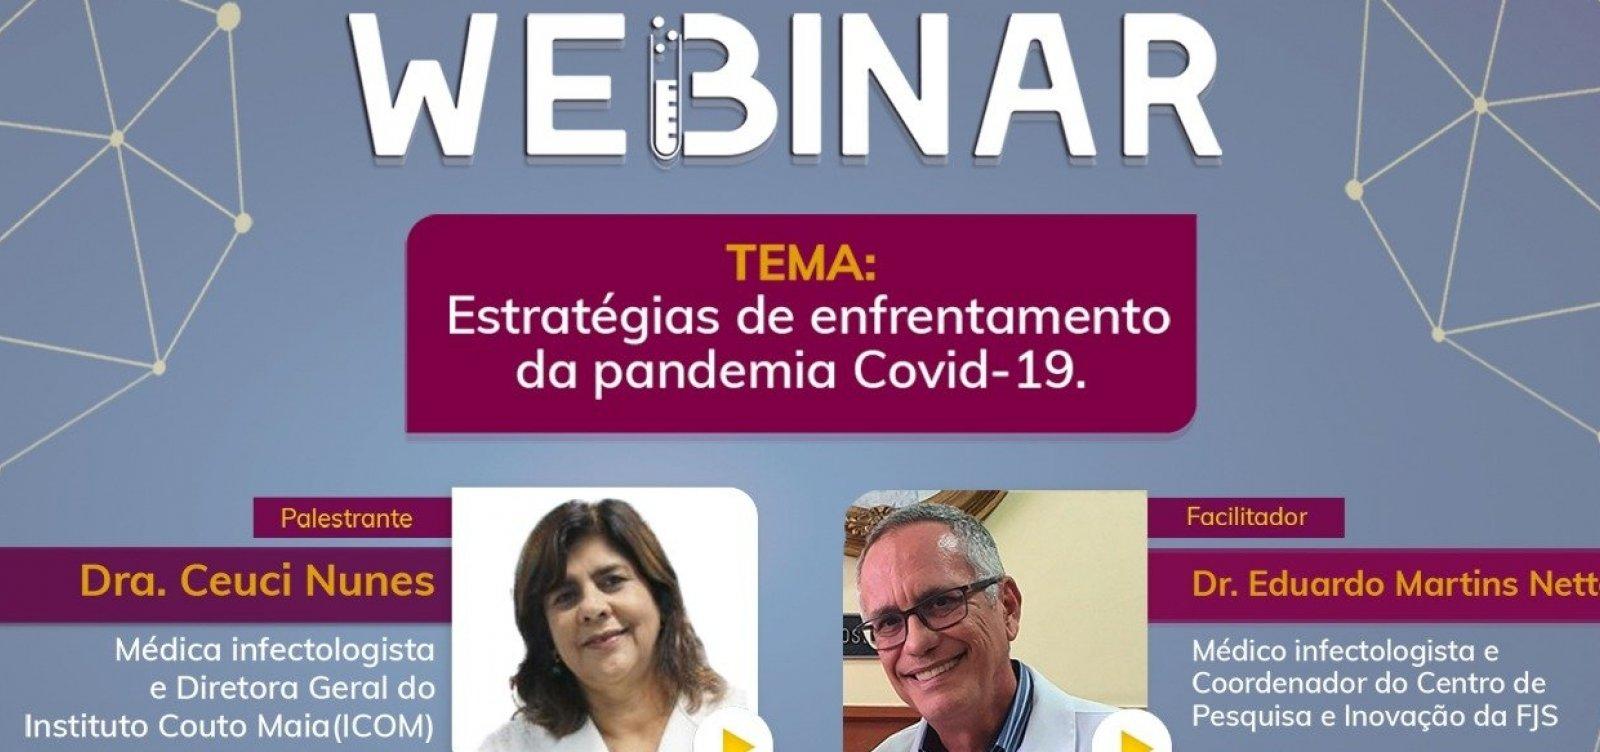 [Fundação José Silveira faz palestra sobre estratégias de enfrentamento da pandemia]